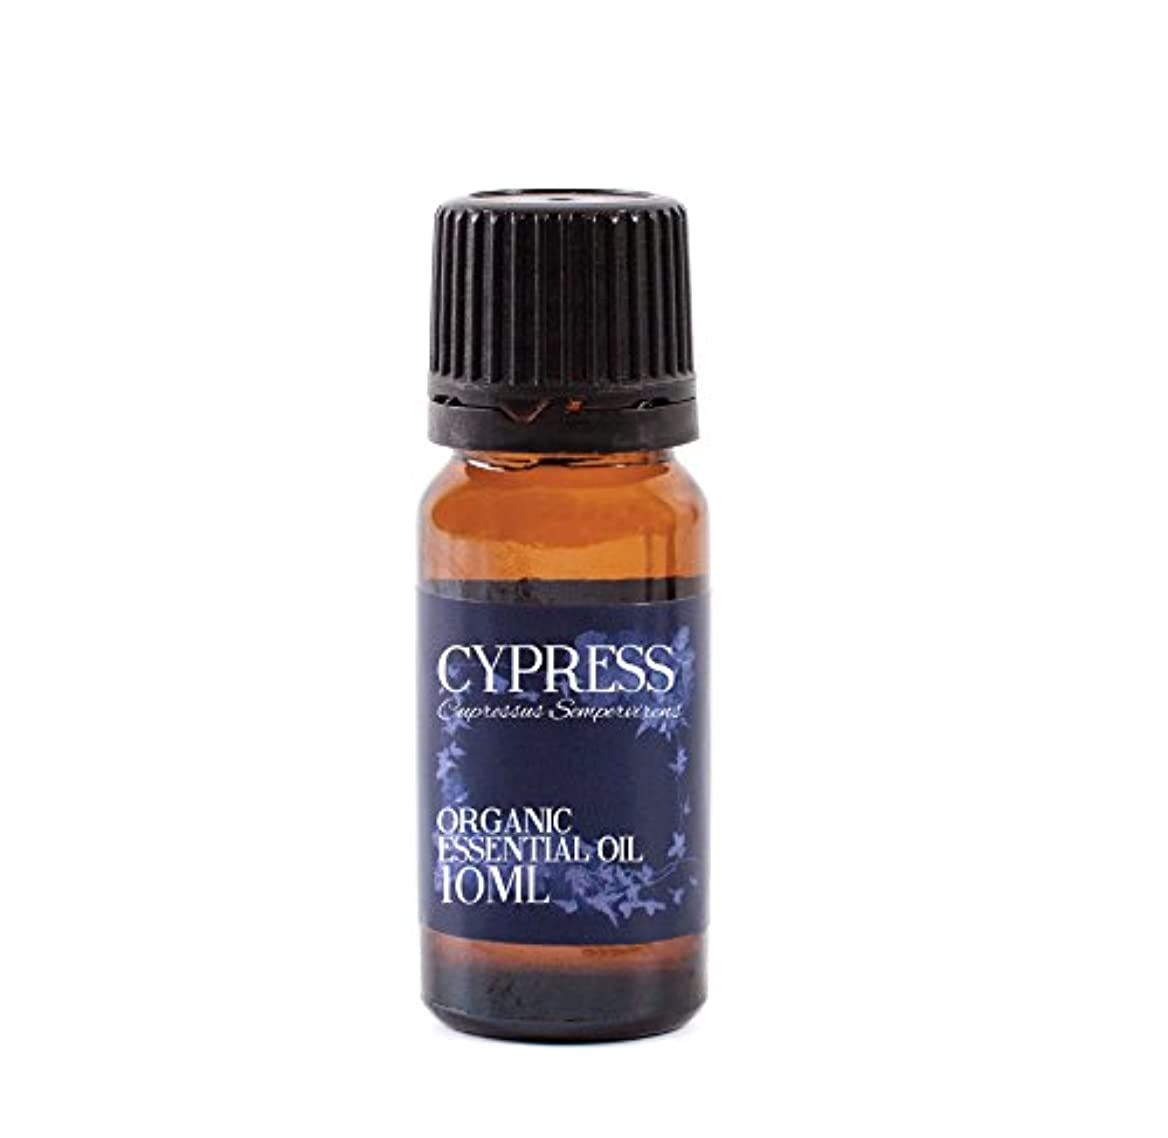 非アクティブ改善する人物Cypress Organic Essential Oil - 10ml - 100% Pure